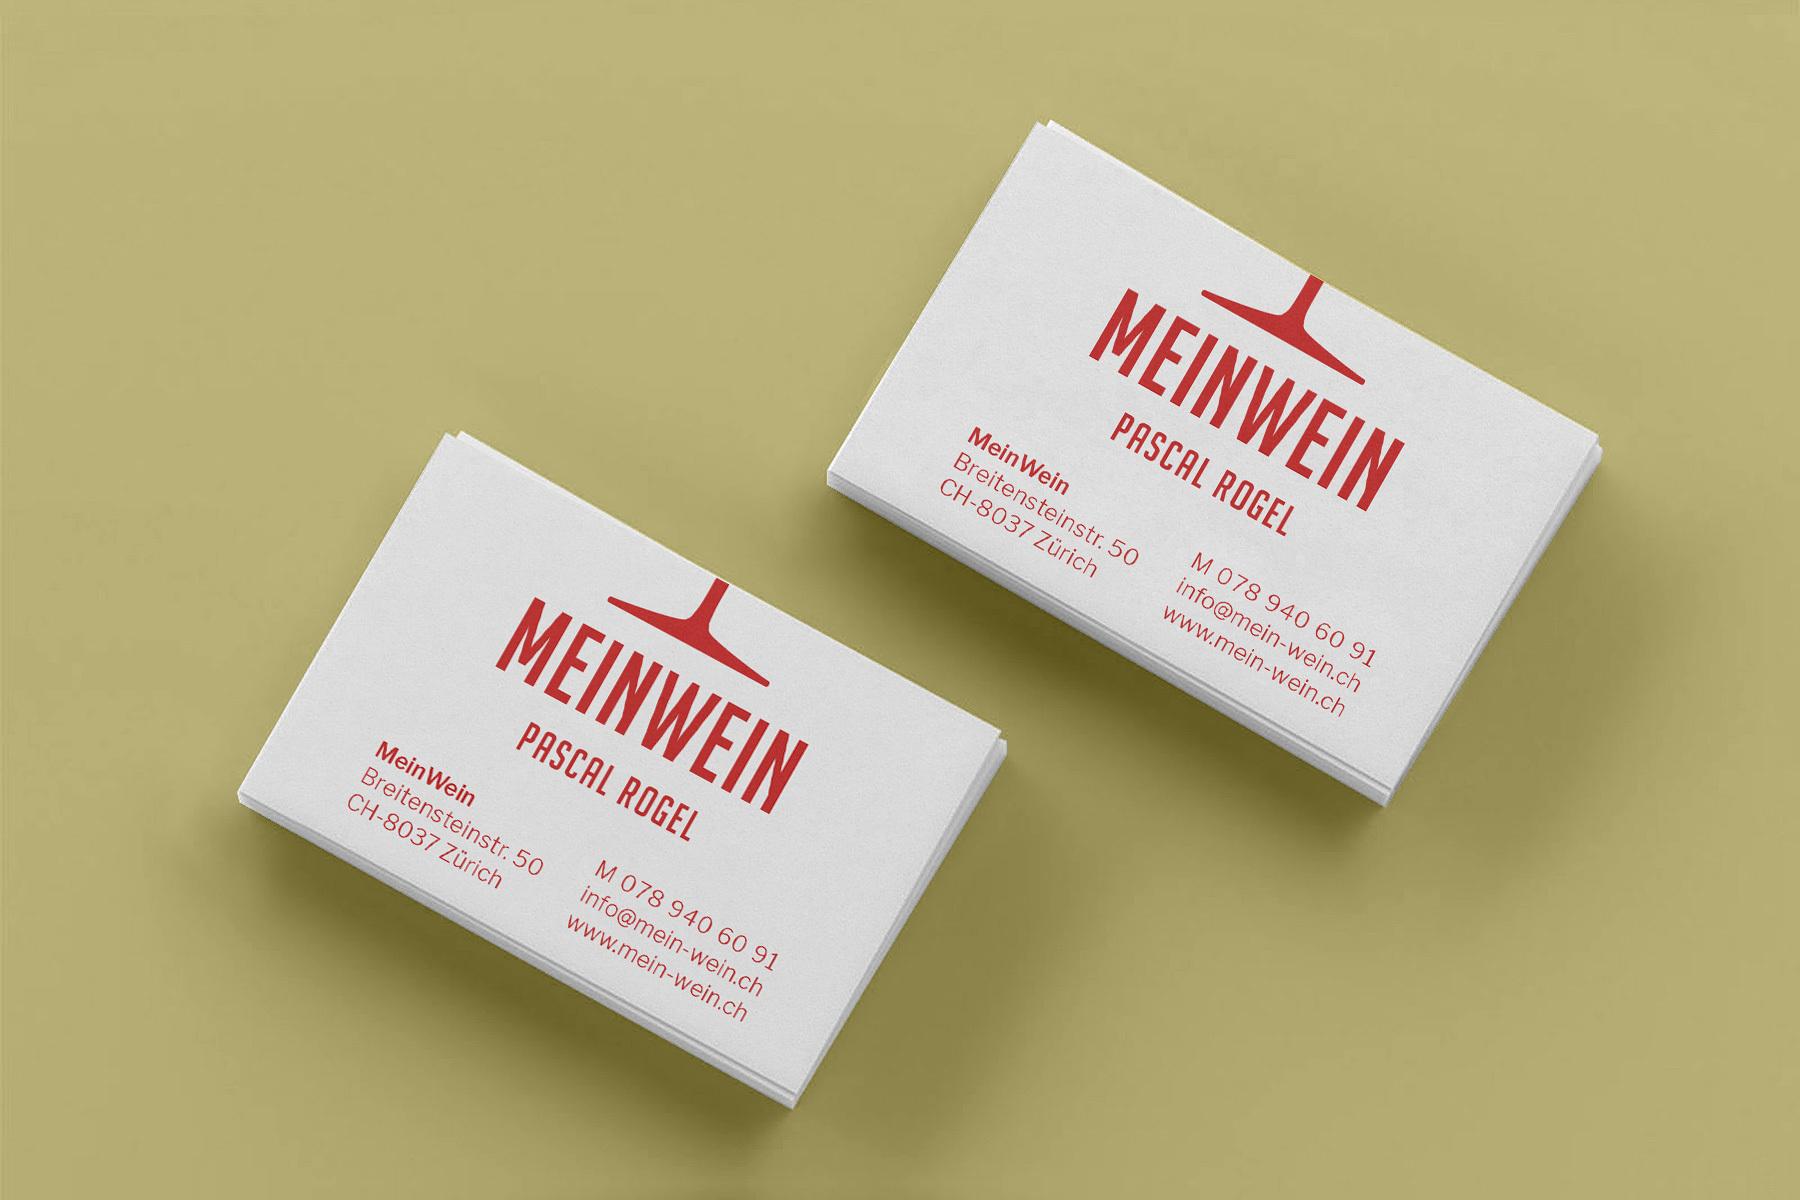 Schweizer Grafik MeinWein